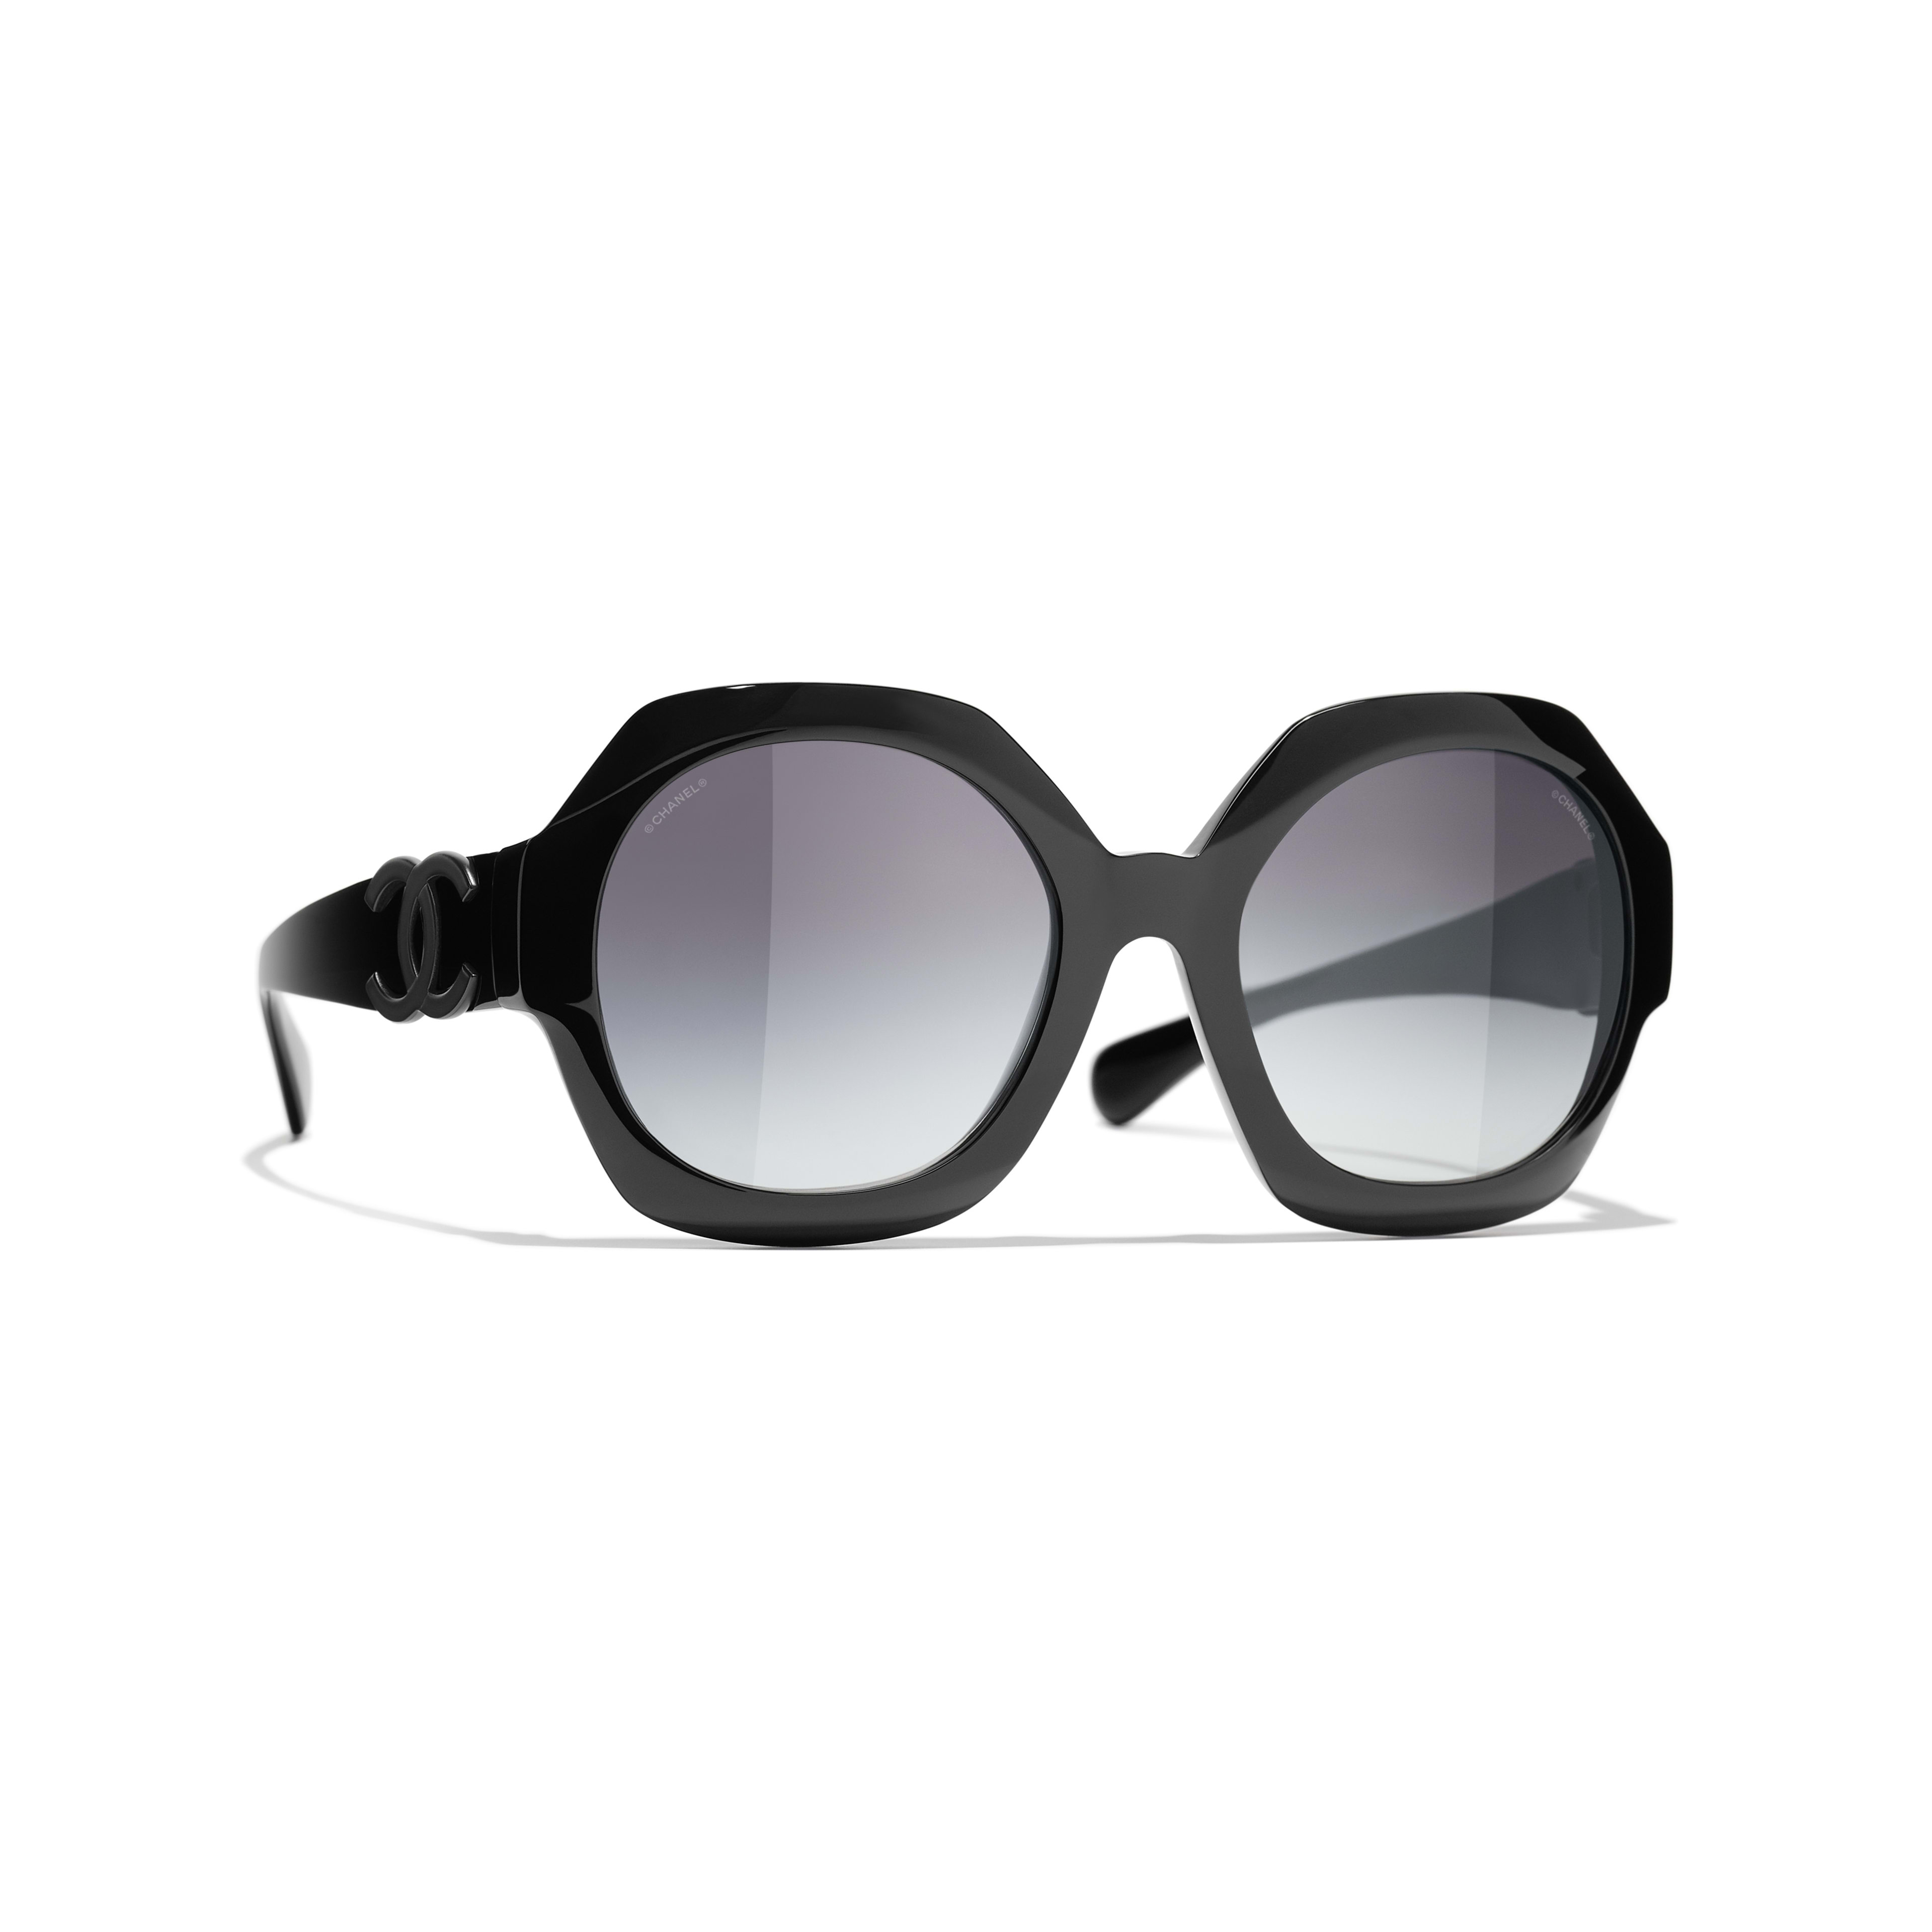 Ronde zonnebril - Zwart - Acetaat - CHANEL - Standaardweergave - zie versie op standaardgrootte